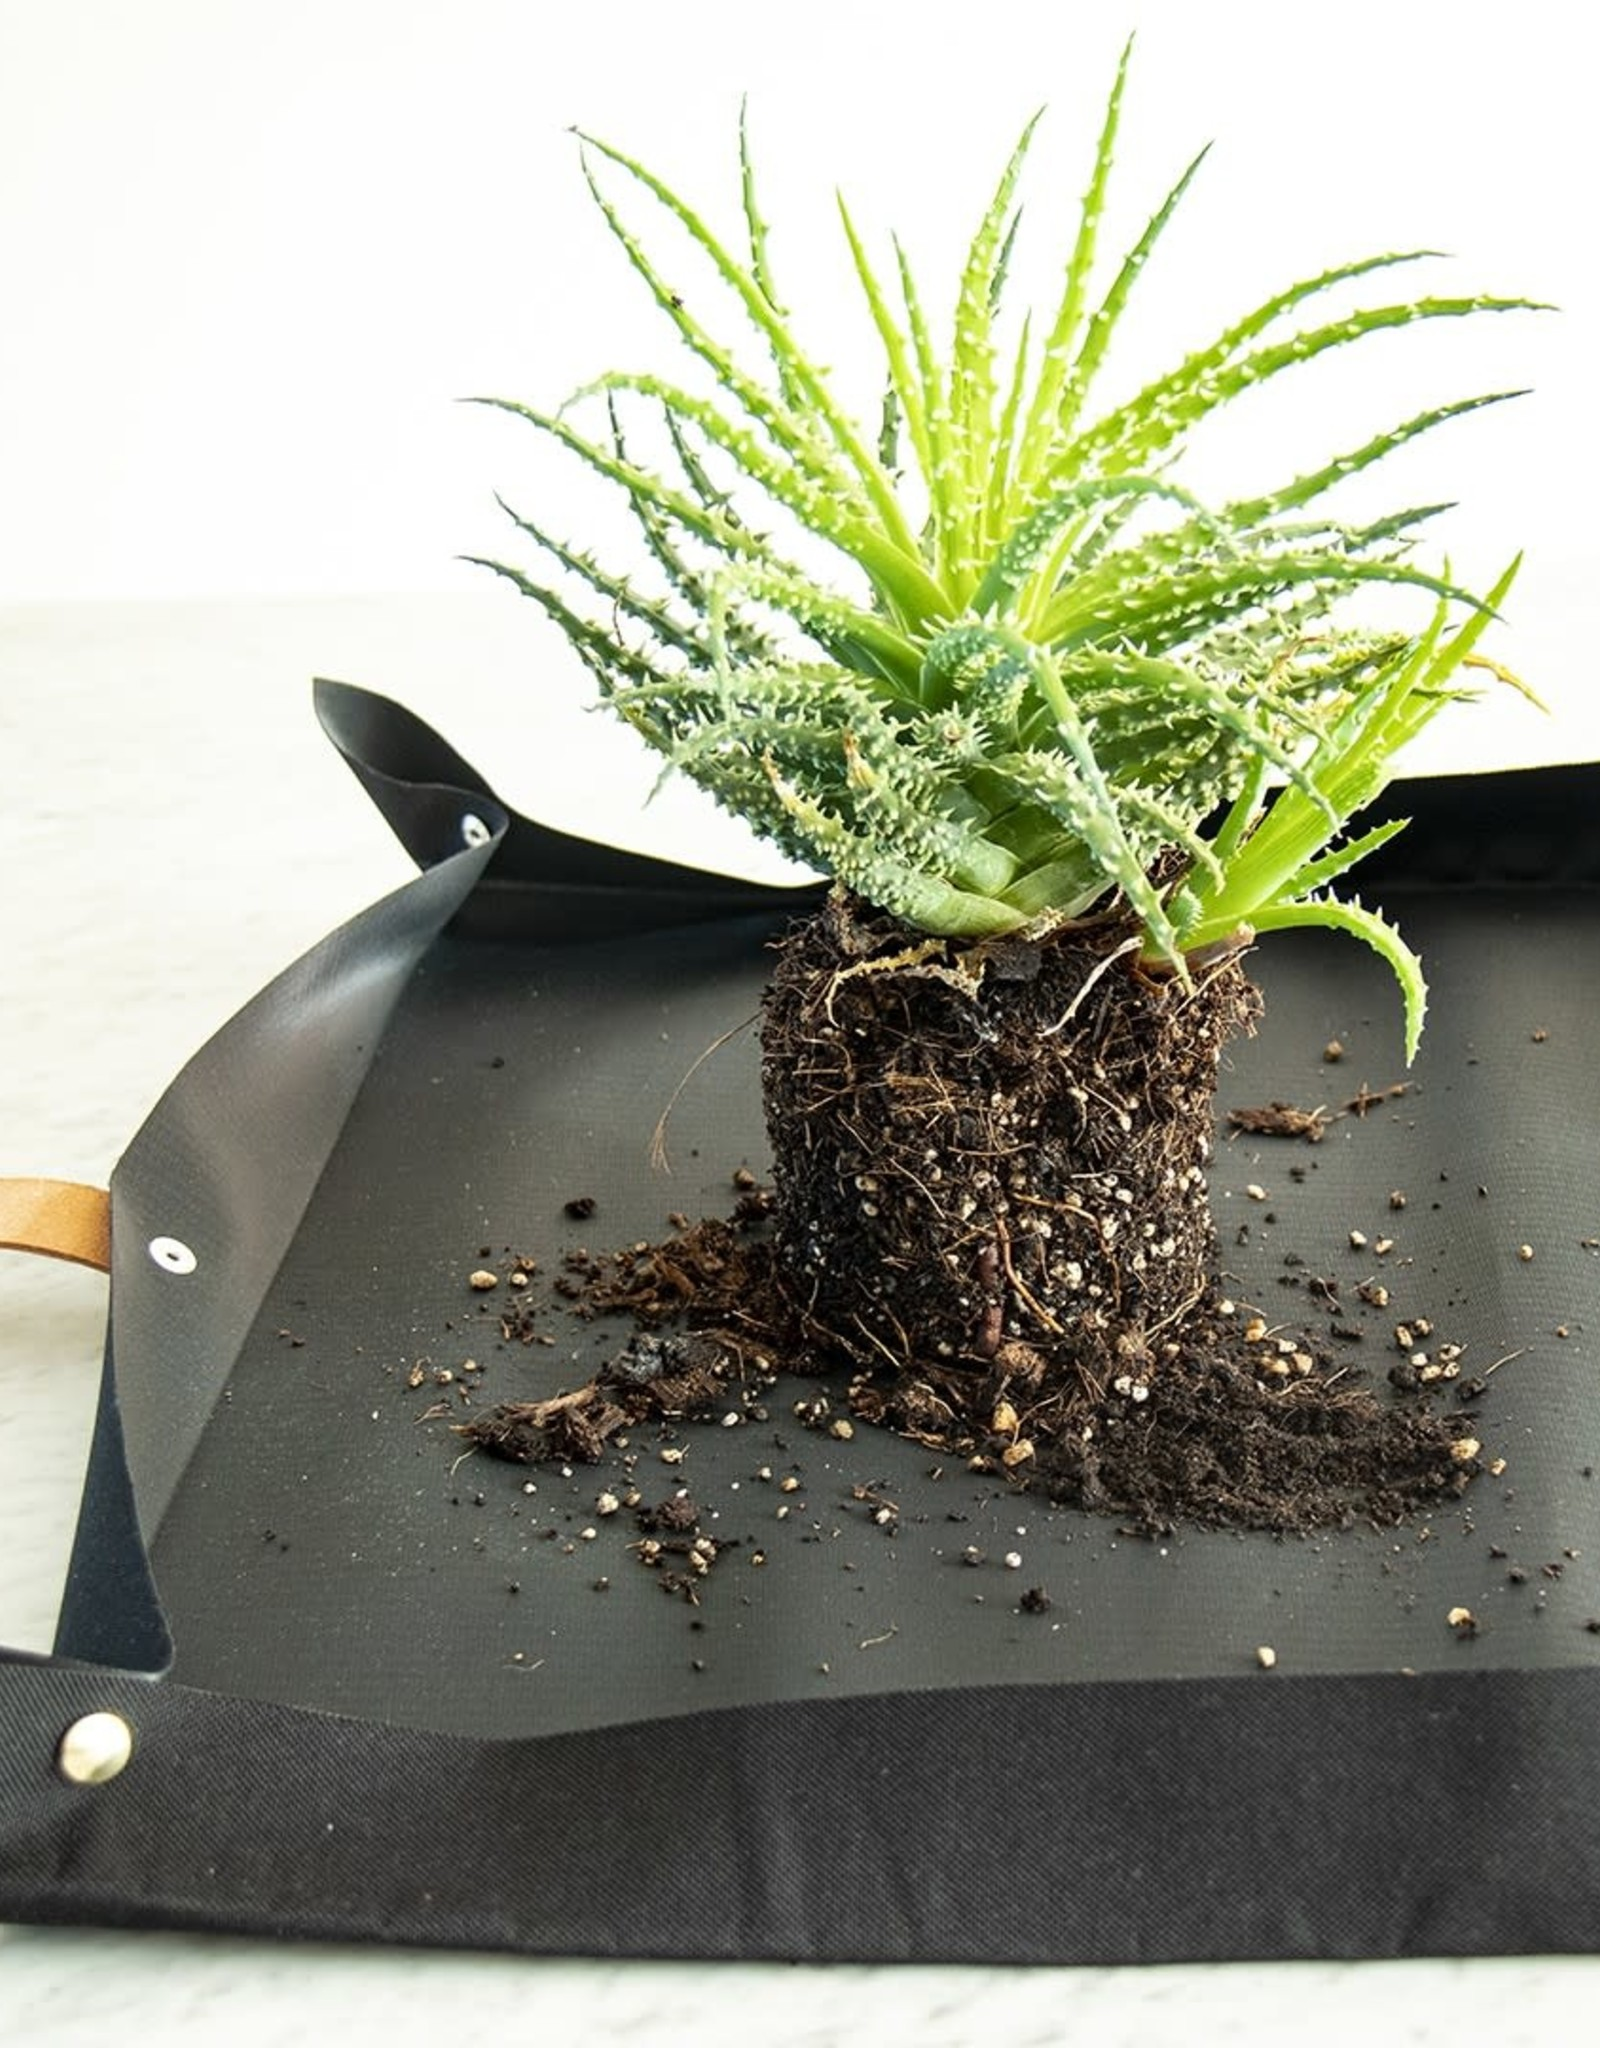 Botanopia Potting tarp for urban gardening